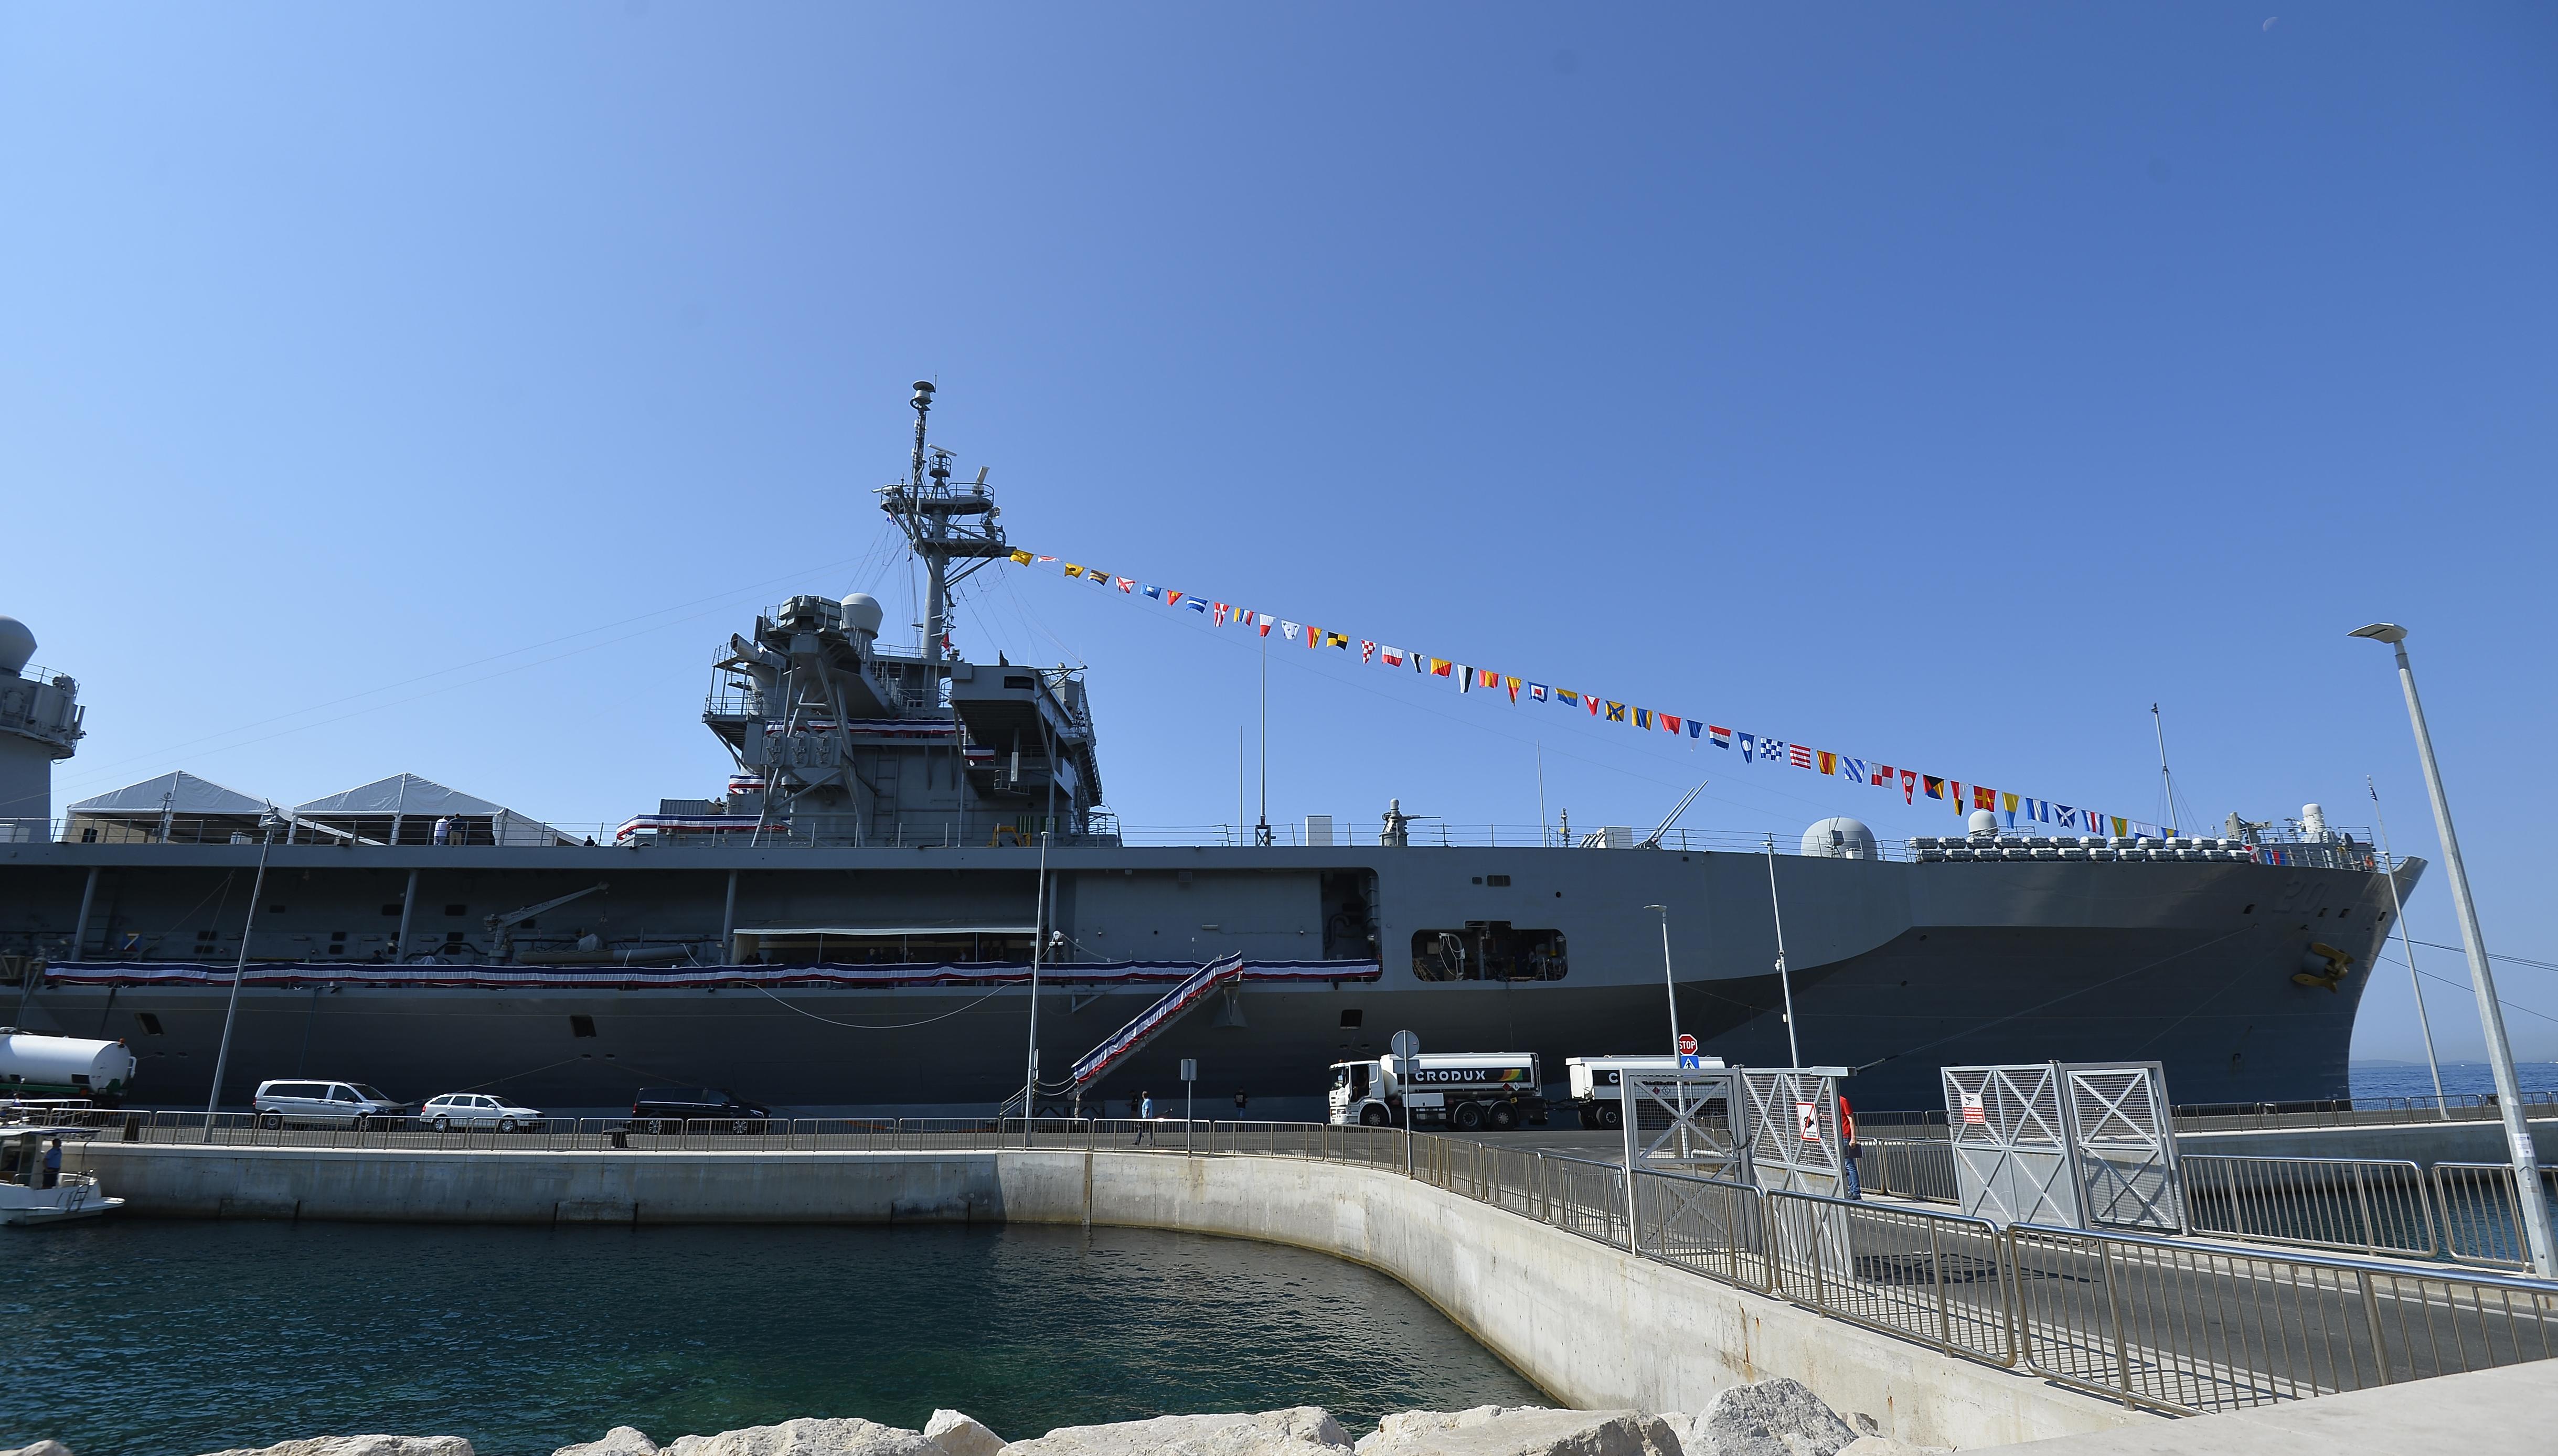 U splitskoj luci vezao se brod američke 6. flote USS Mount Whitney | Foto HINA/ Mario STRMOTIĆ